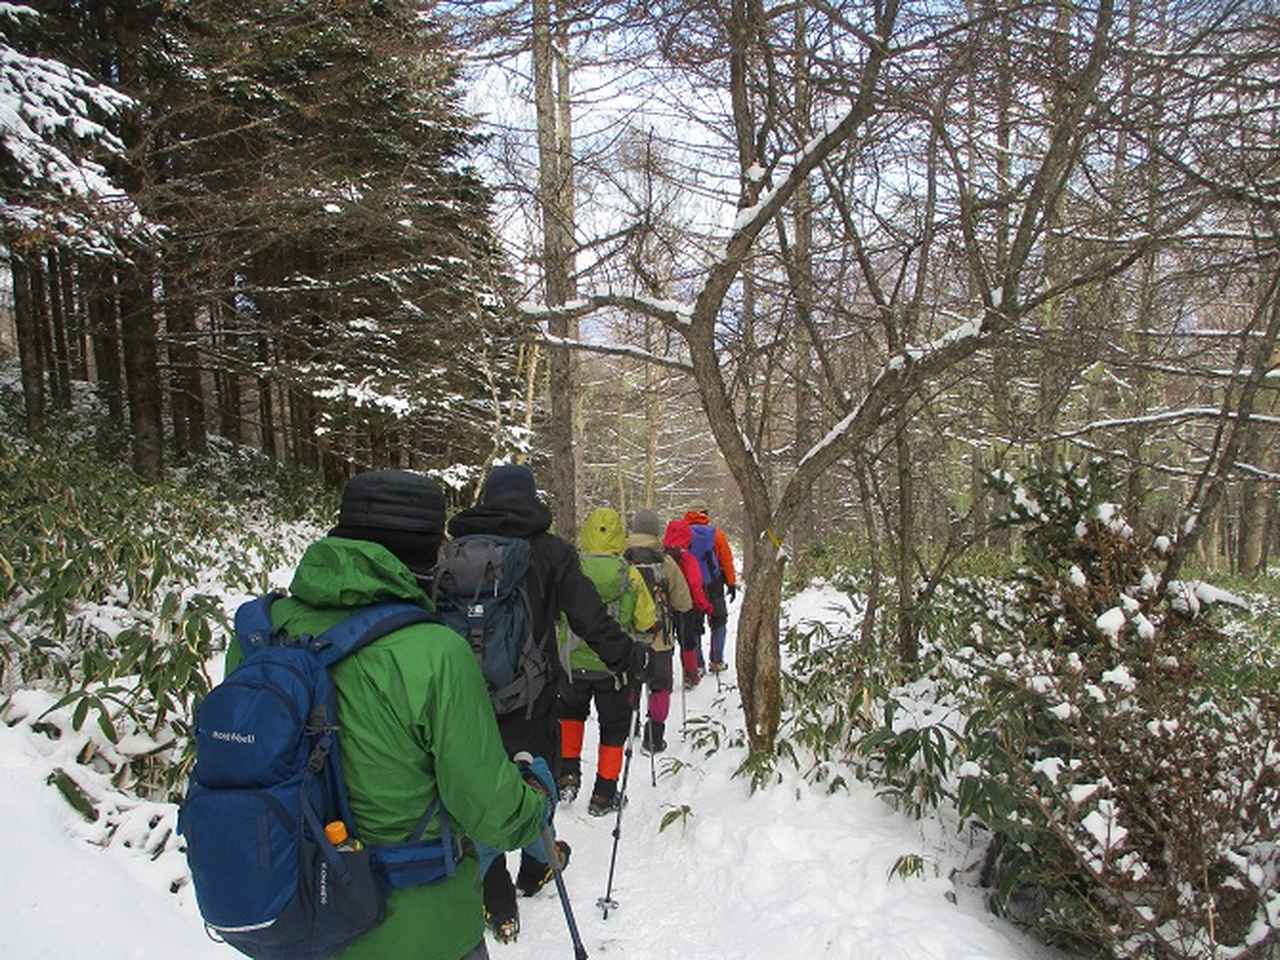 画像8: 【山旅会・登山ガイドこだわりツアー】岡田ガイドからの便り・入笠山ツアーにいってまいりました!